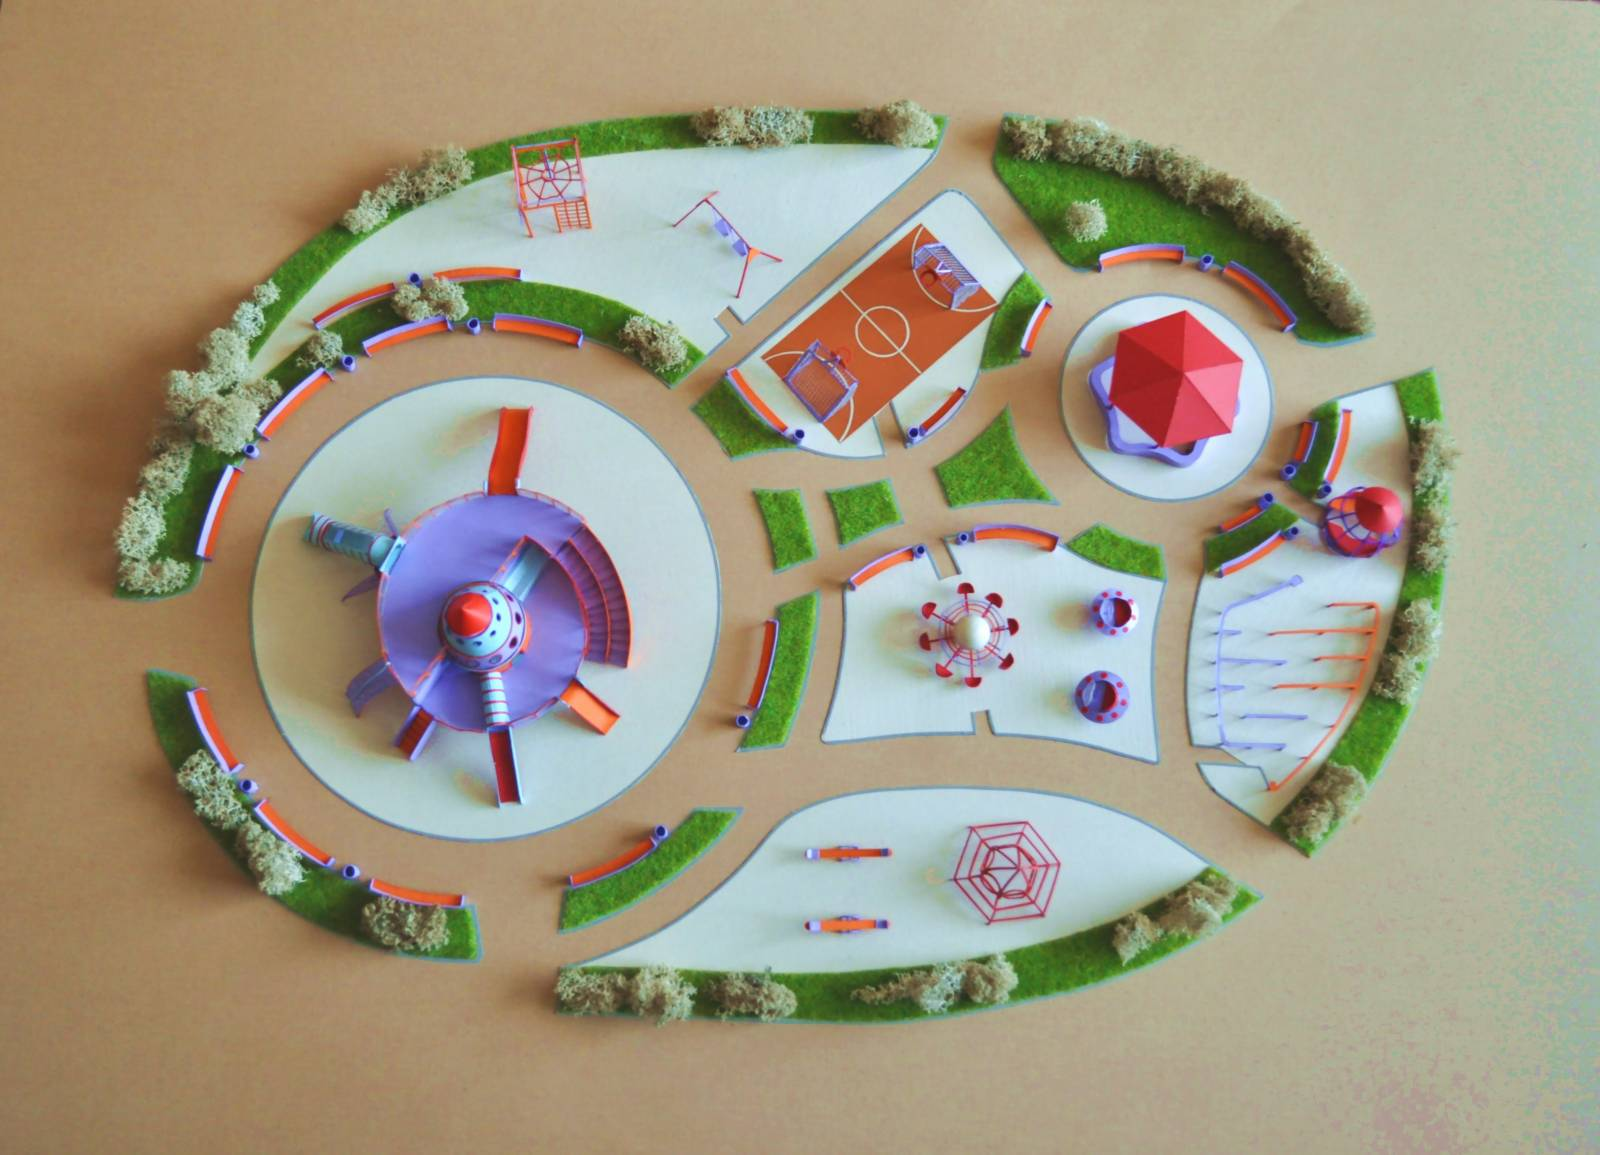 Как сделать макет детской площадки из бумаги своими руками 71